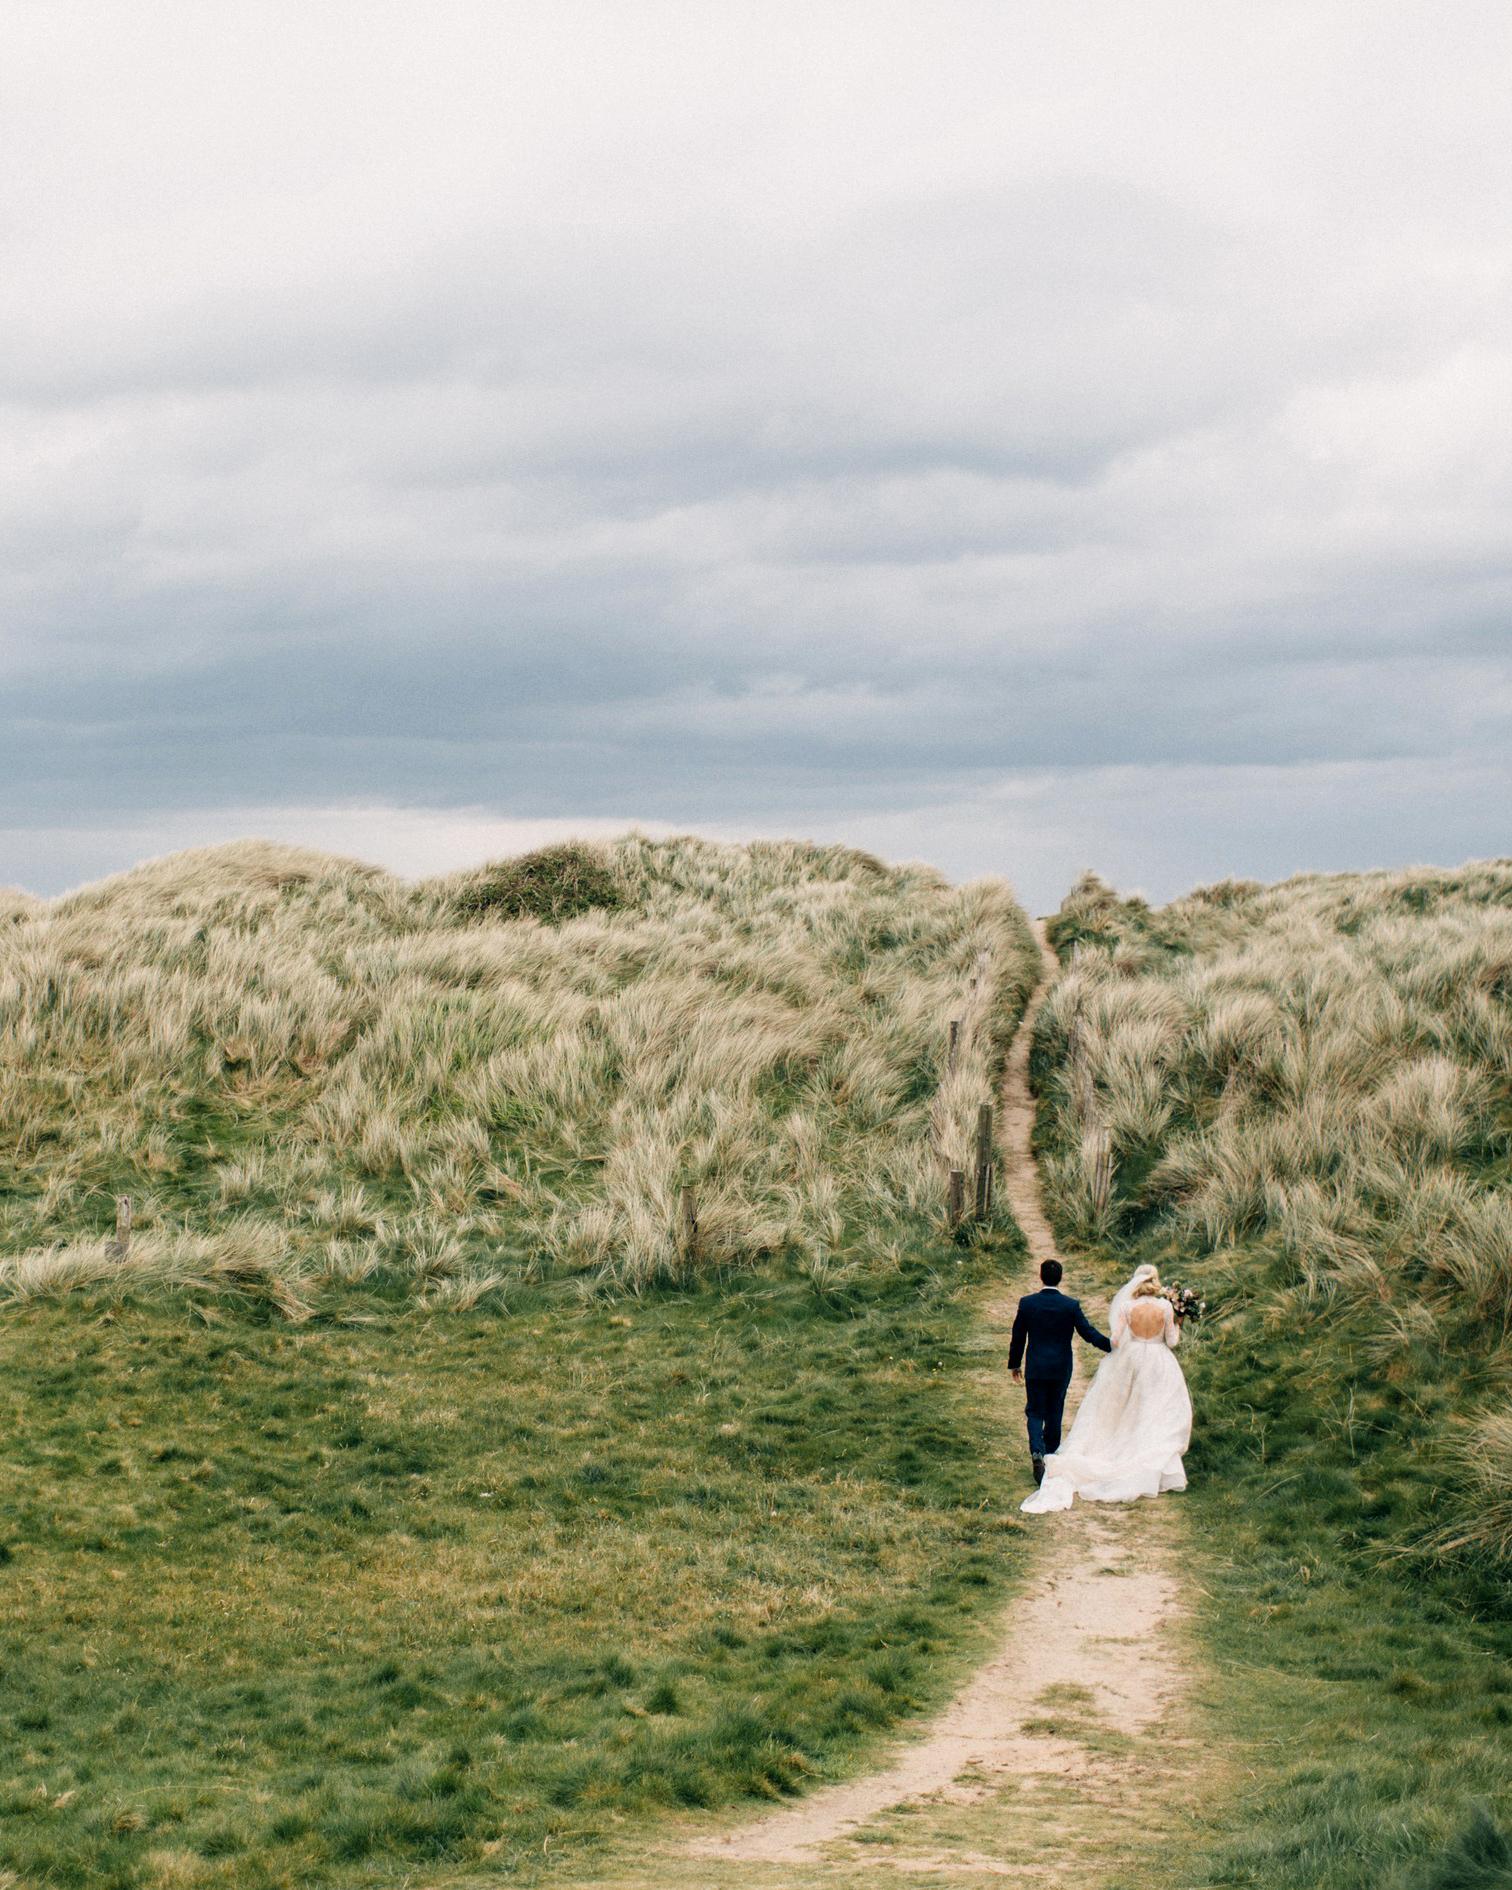 simone darren wedding ireland couple walking away